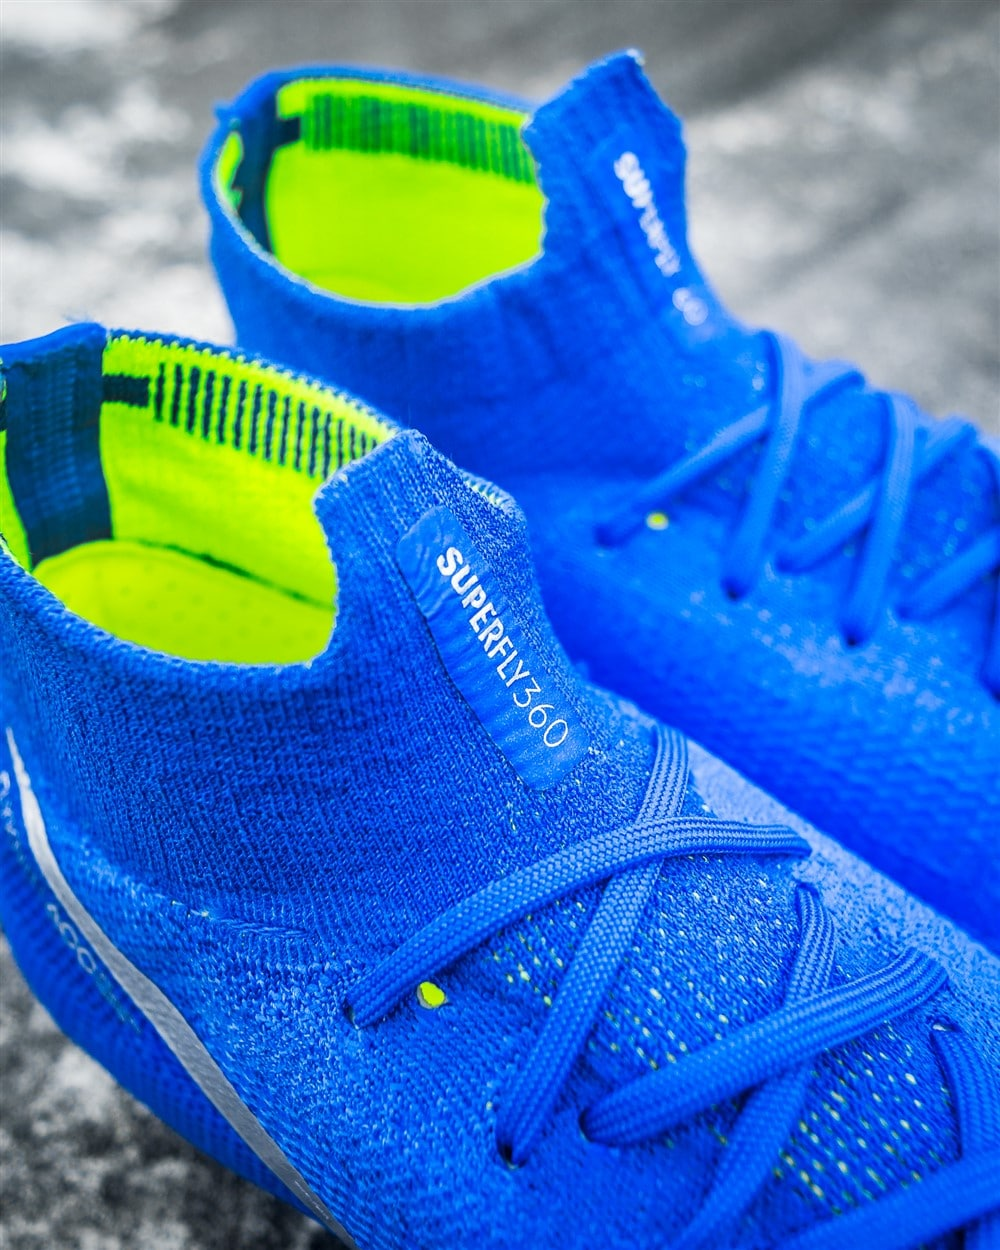 Review: Nike Mercurial Superfly 360 Always Forward Pack